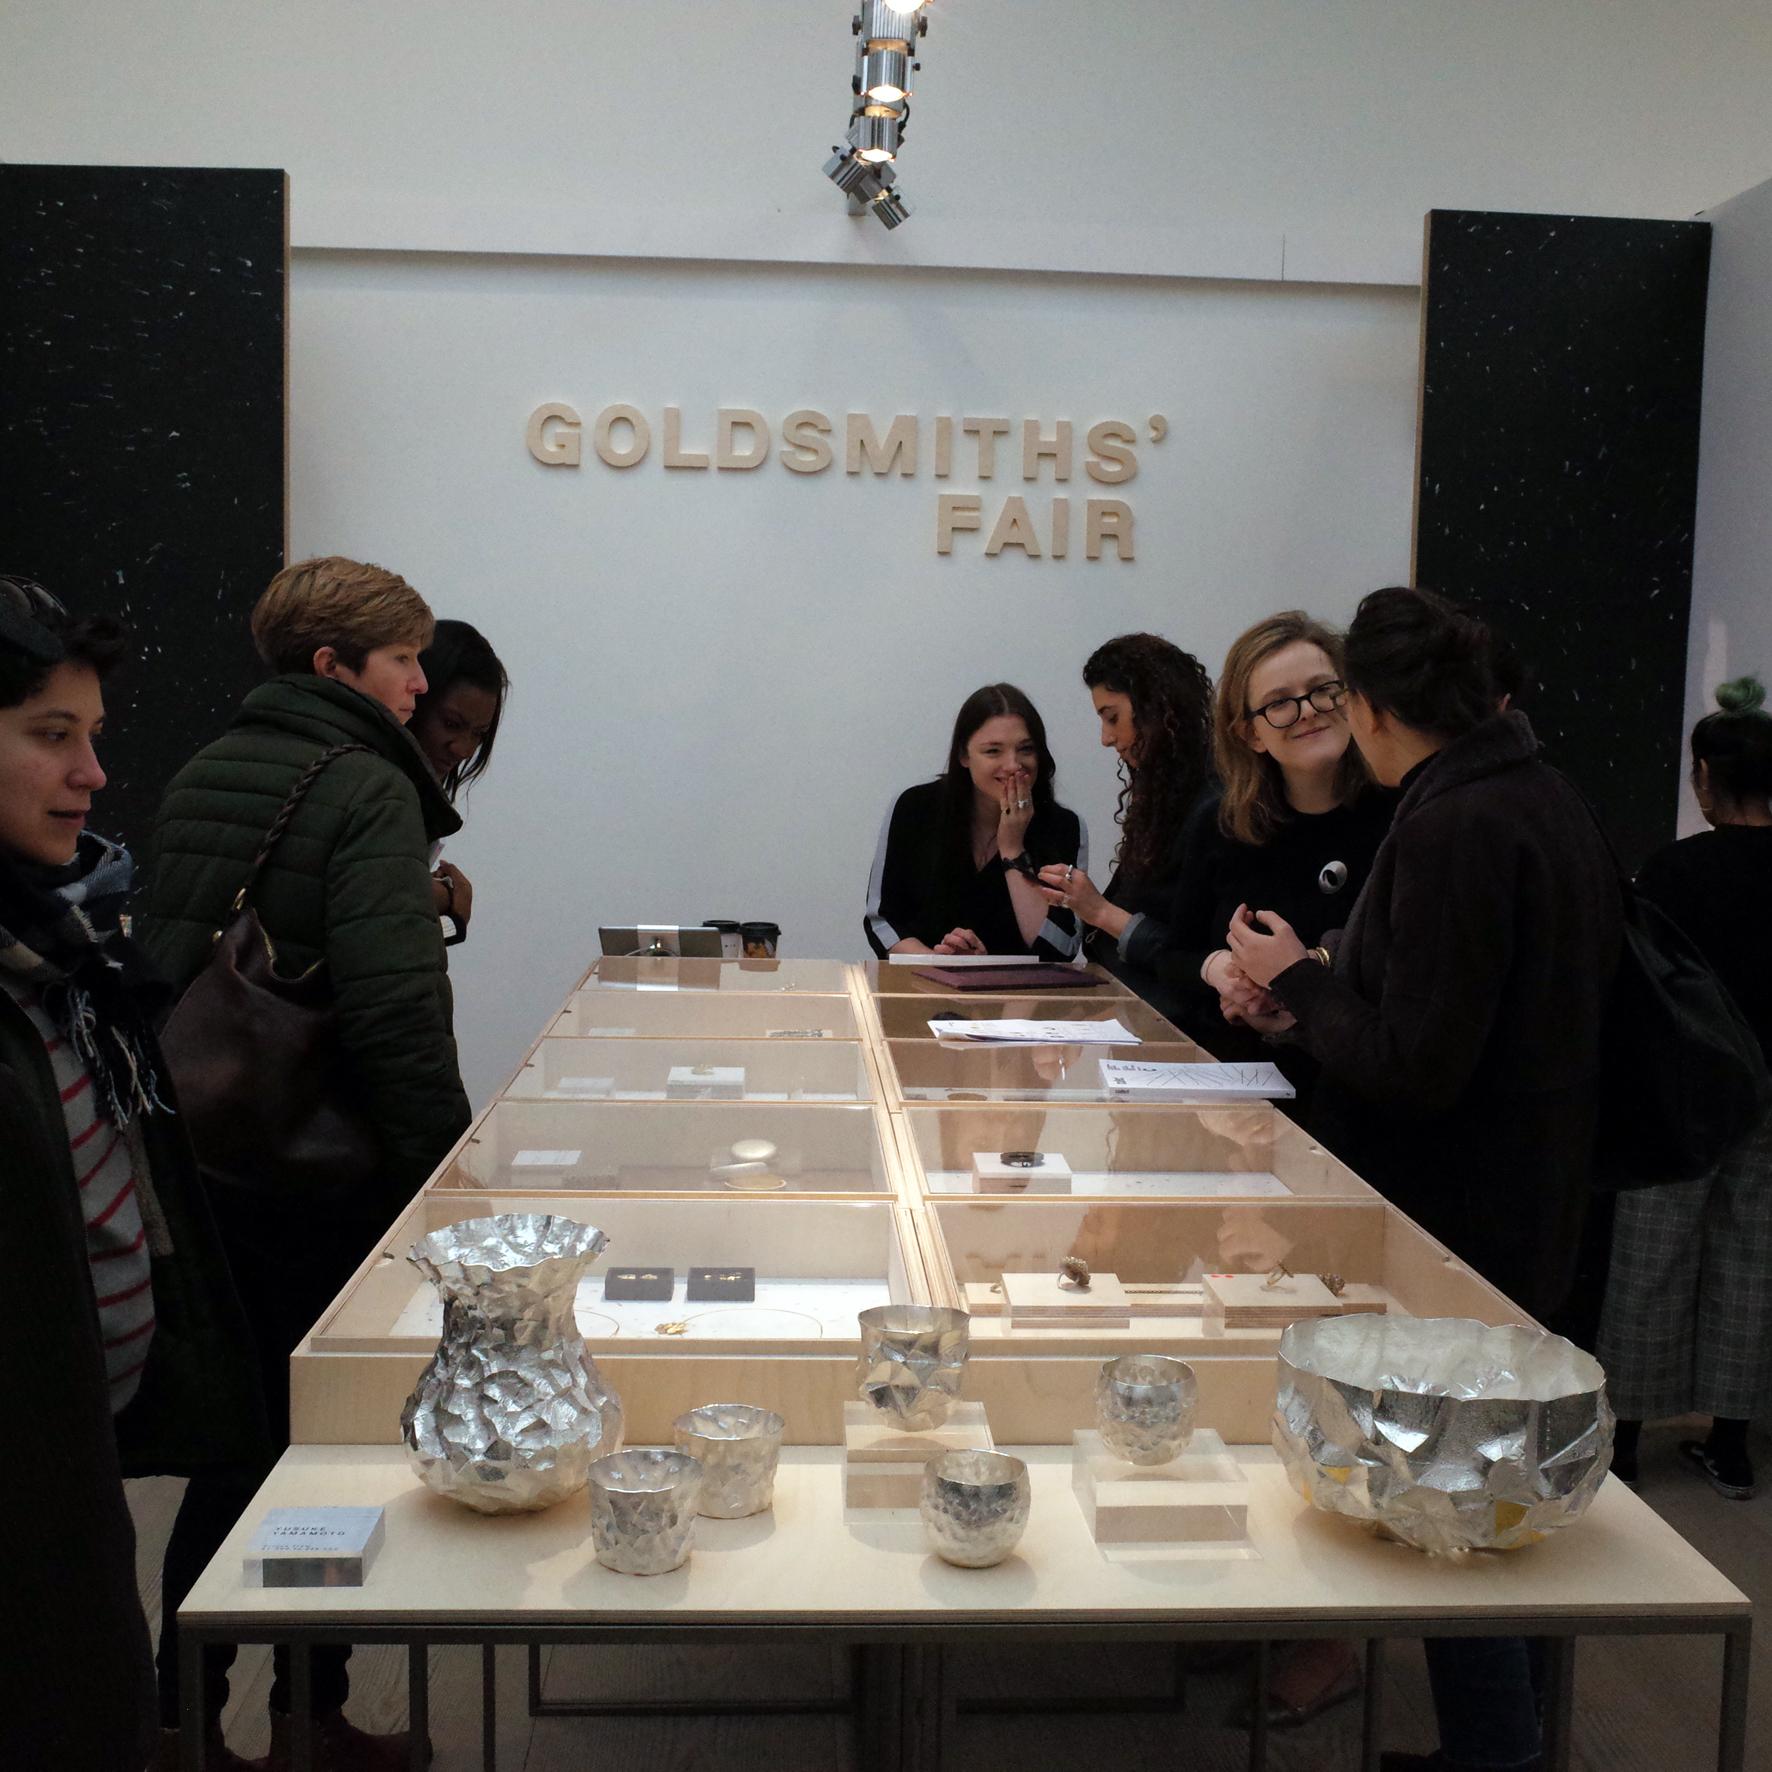 Goldsmiths Fair stand